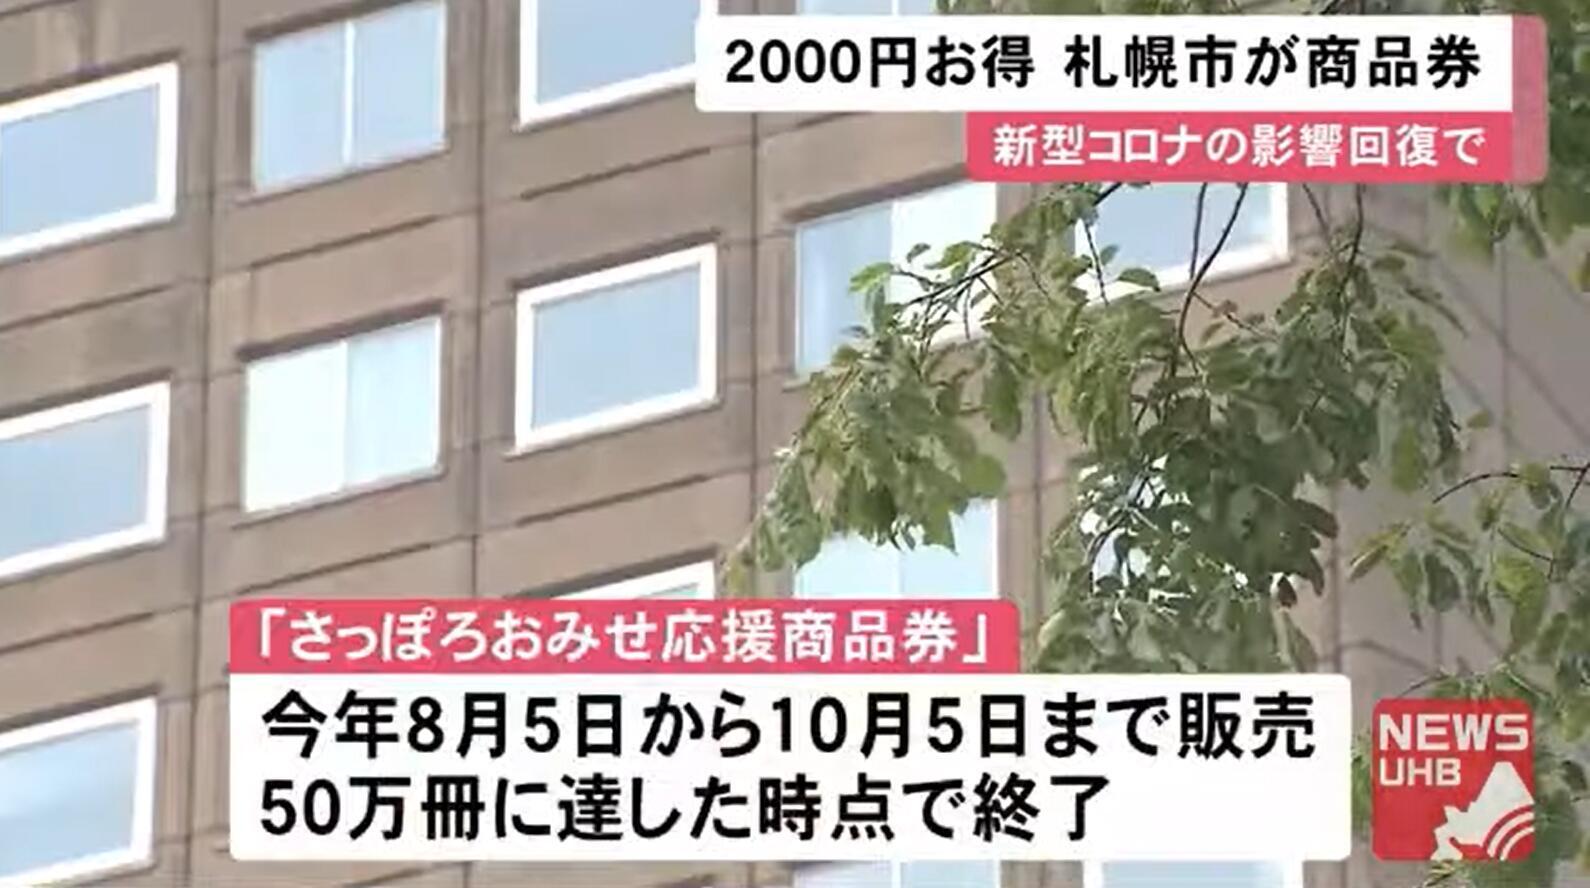 北海道约7成市町村发行溢价商品券 刺激当地消费